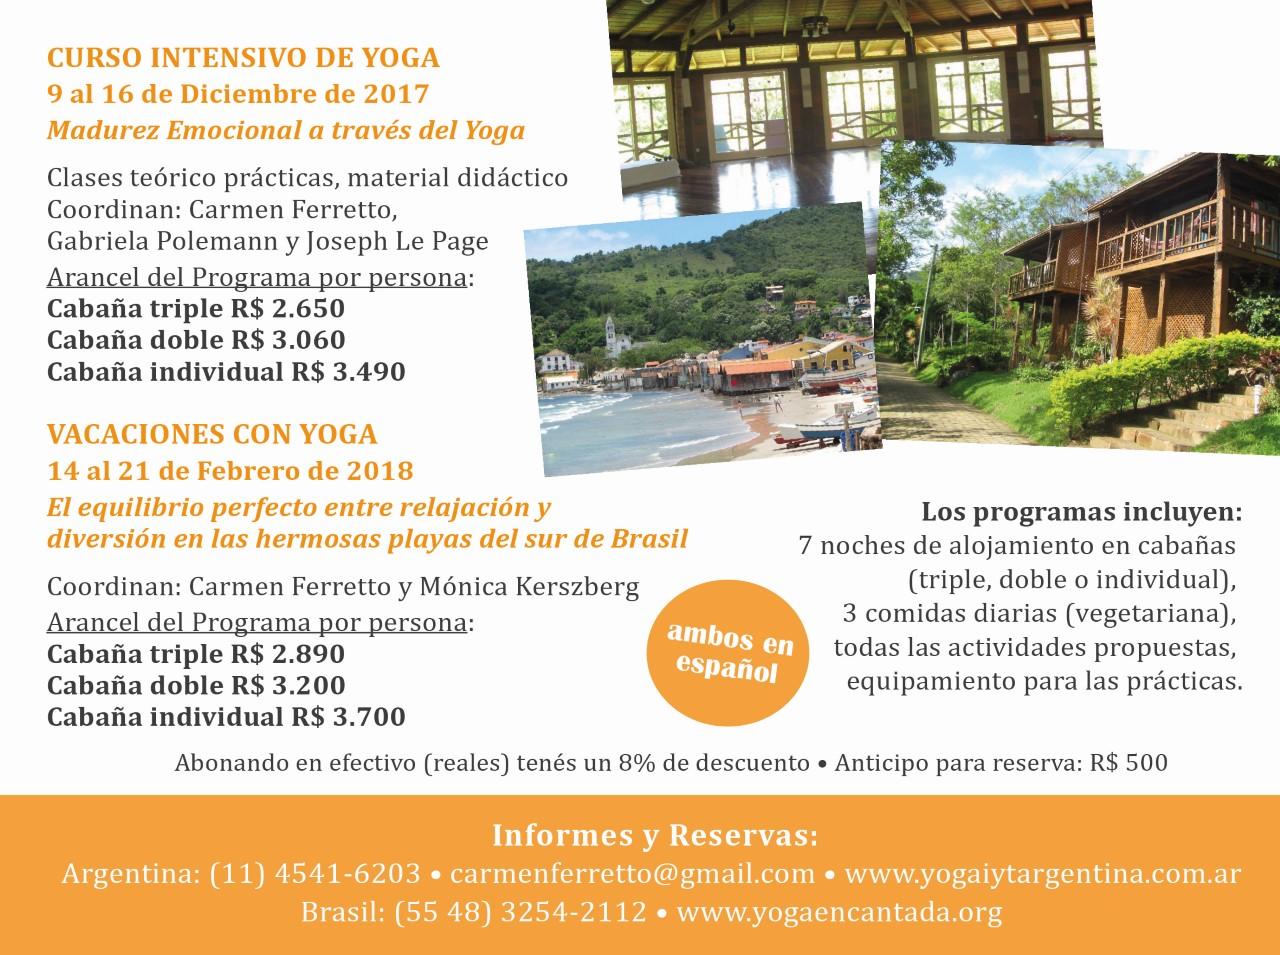 Carmen Ferretto  carmenferretto gmail.com 4541-6203. Publicado por Yoga  Dinamico ... 0350907afd76